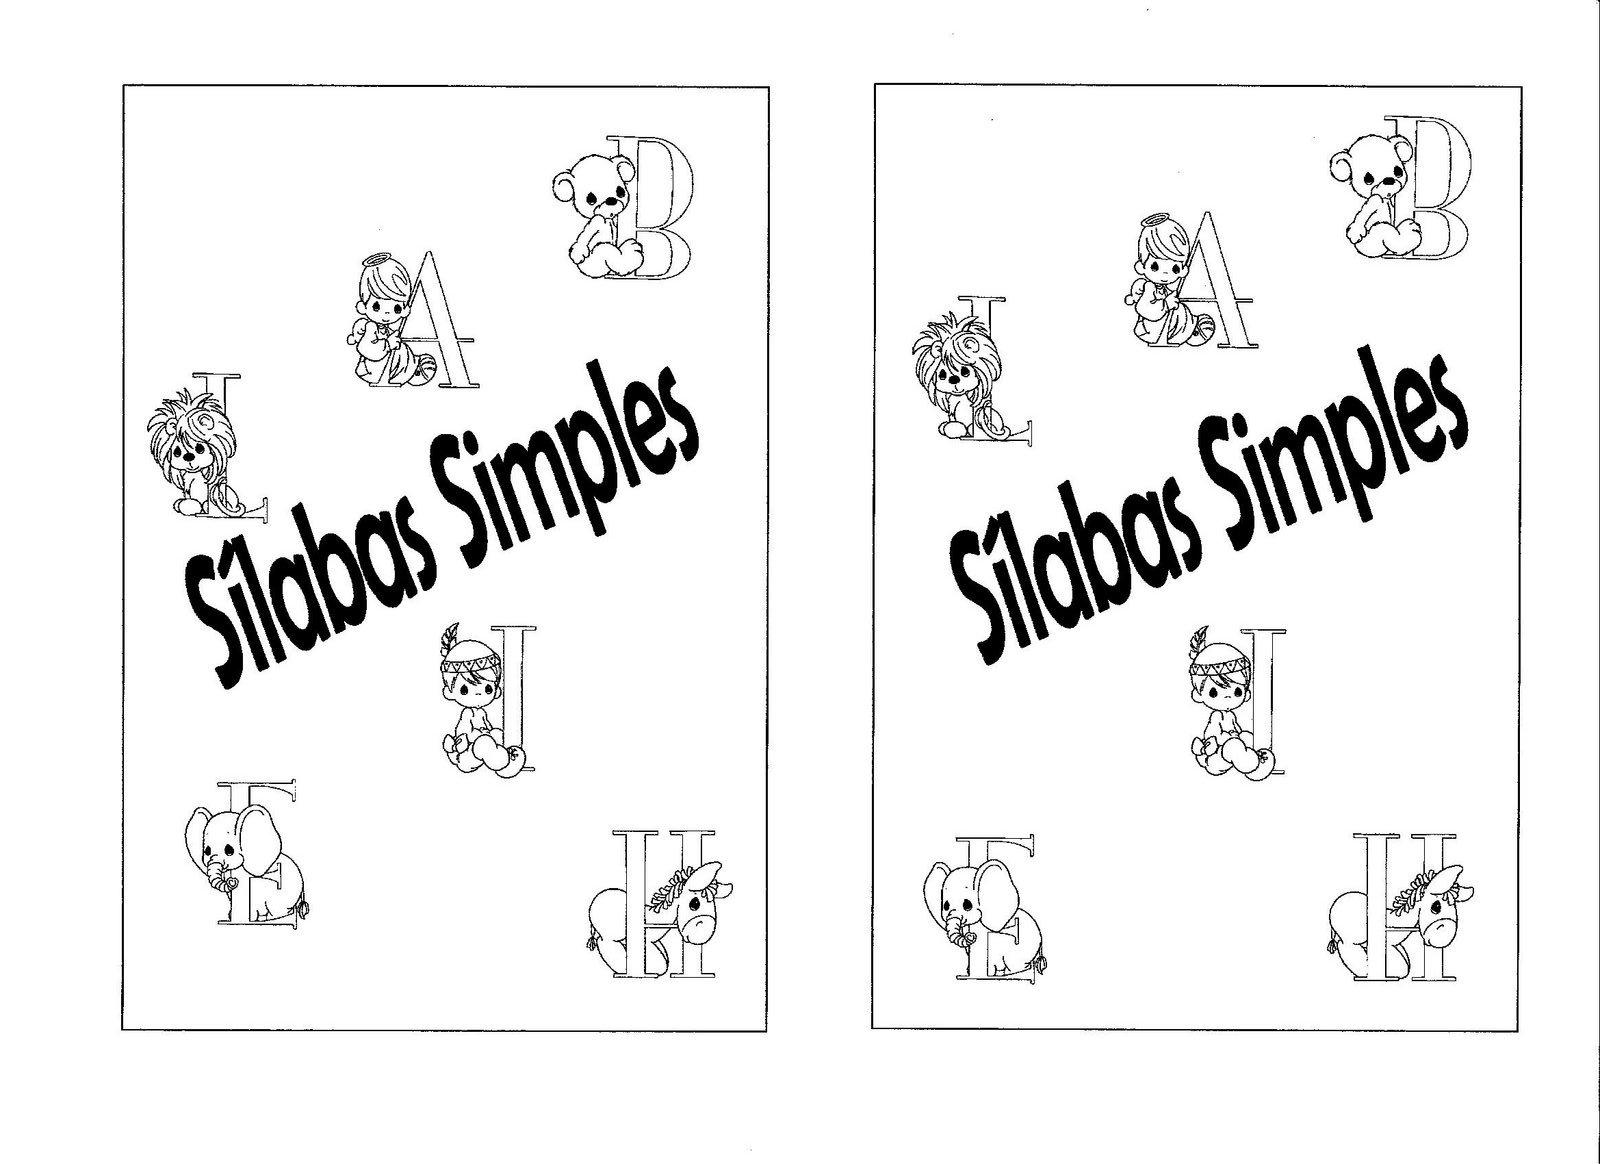 Conhecido A Magia do Aprender/Ensinar: Ficha de leitura com as silabas simples. KZ34